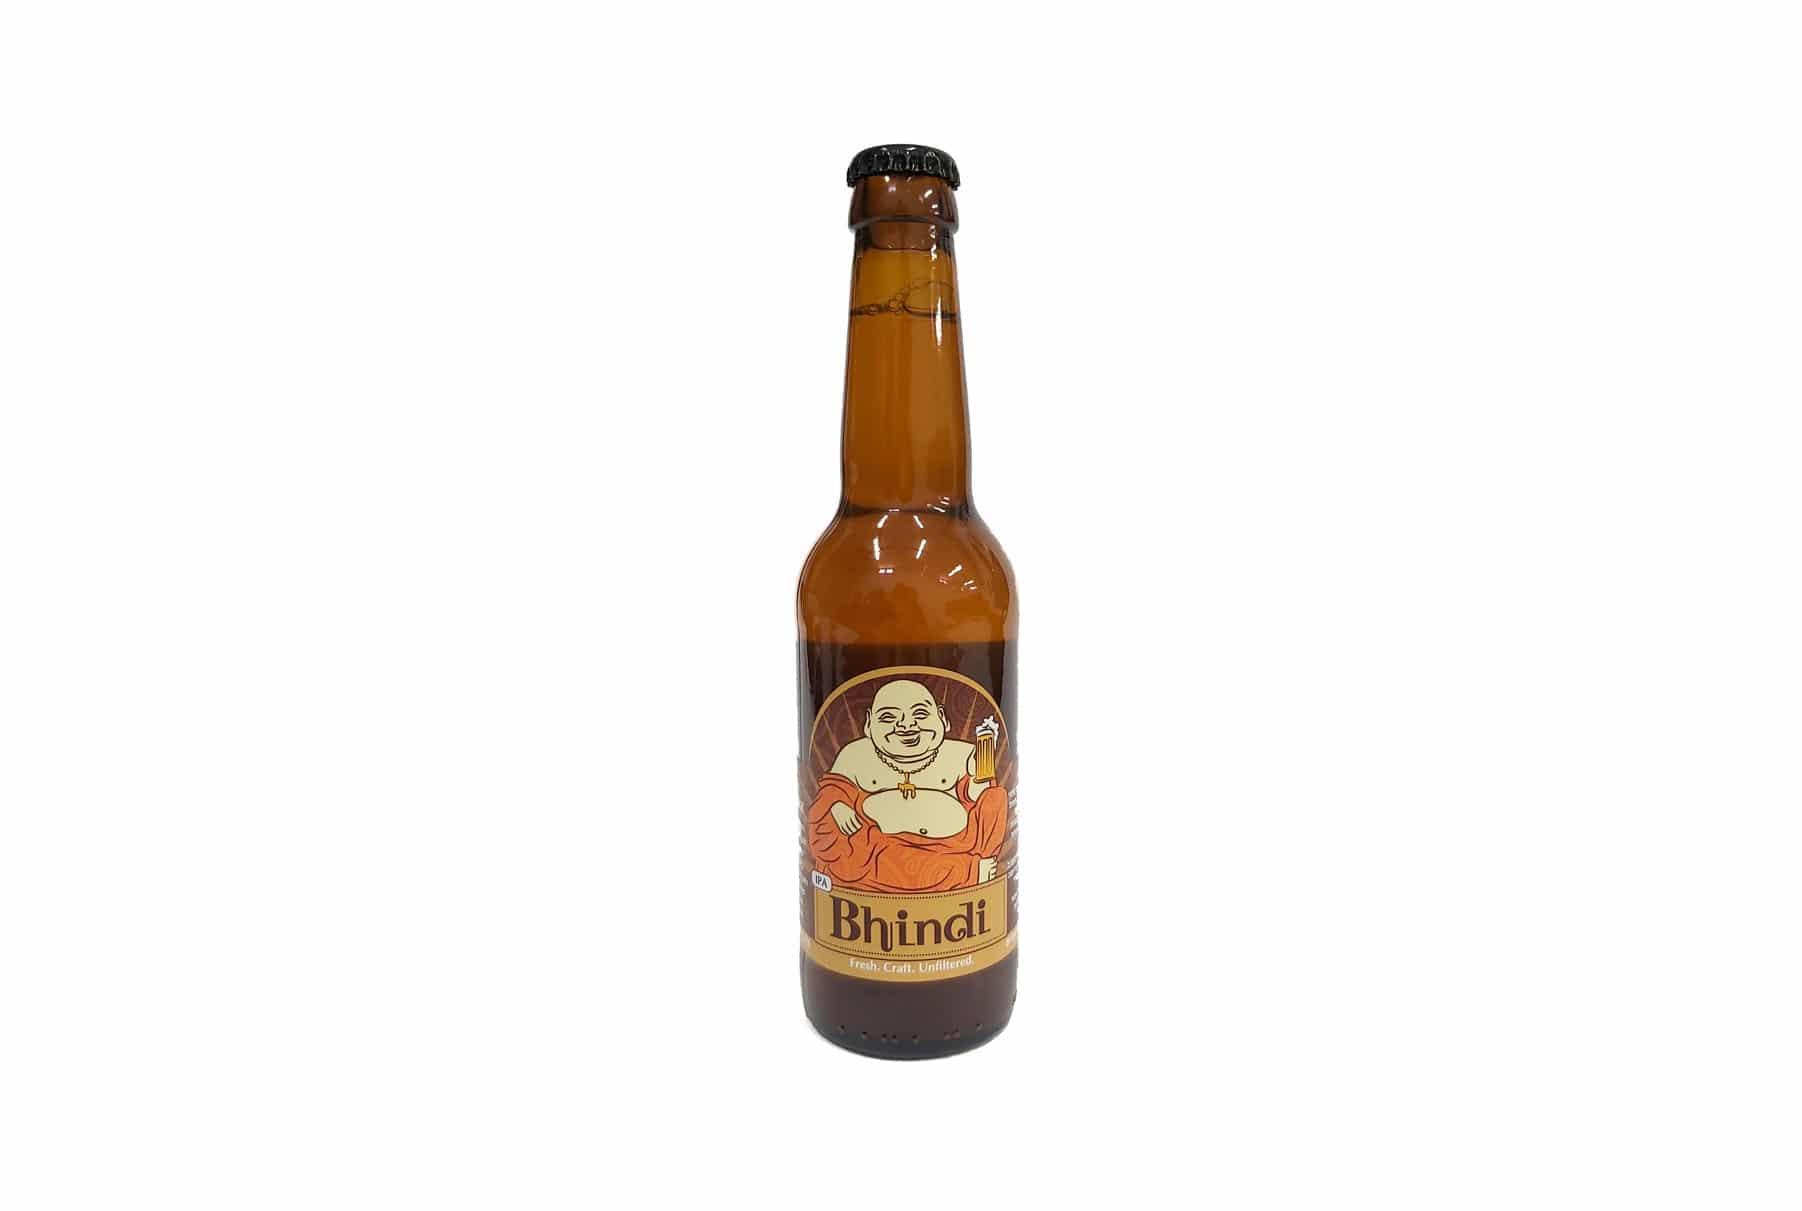 """אנו בפאר פרינט הדפסנו תוויות בירה לחברת בינדי, בירה שמיוצרת ב מבשלת הארץ, שנוסדה על ידי """"ביר בזאר"""". המבשלה מייצרת בירות נוספות של הביר בזאר """"חתול שמן"""" ו- """"דודה'שך""""."""